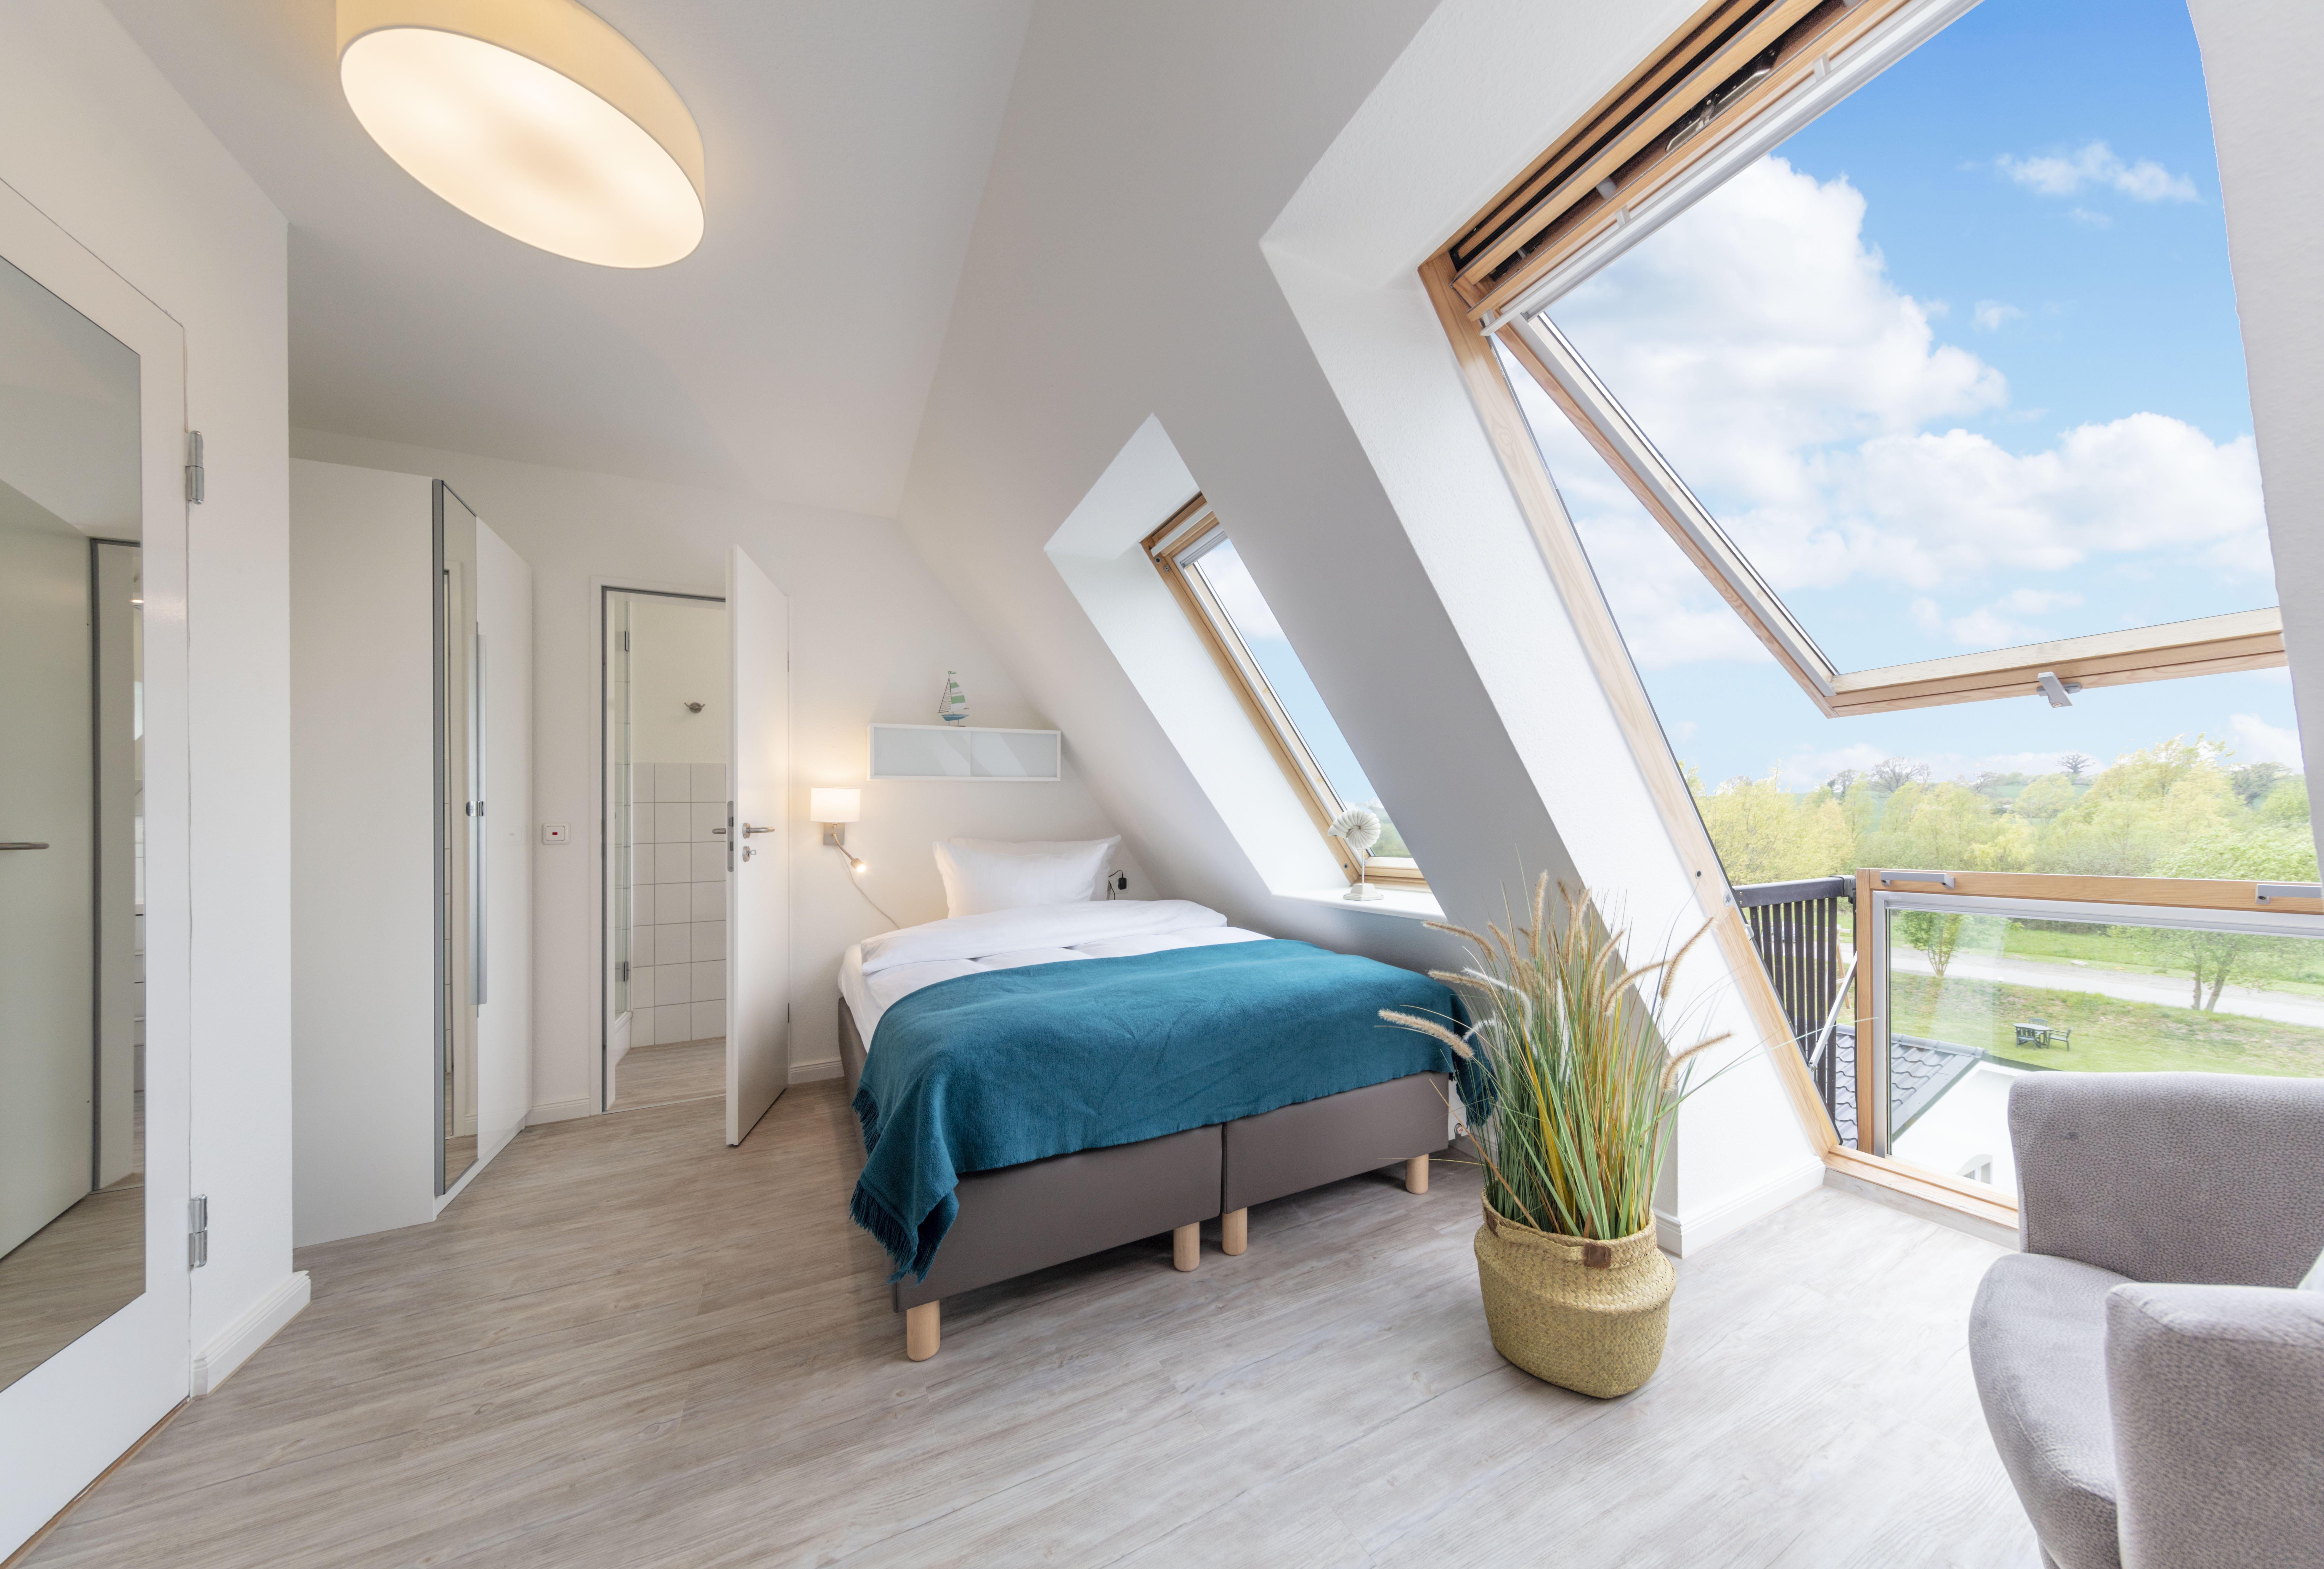 Einzelzimmer, Quelle: (c) HofHotel Krähenberg Grömitz